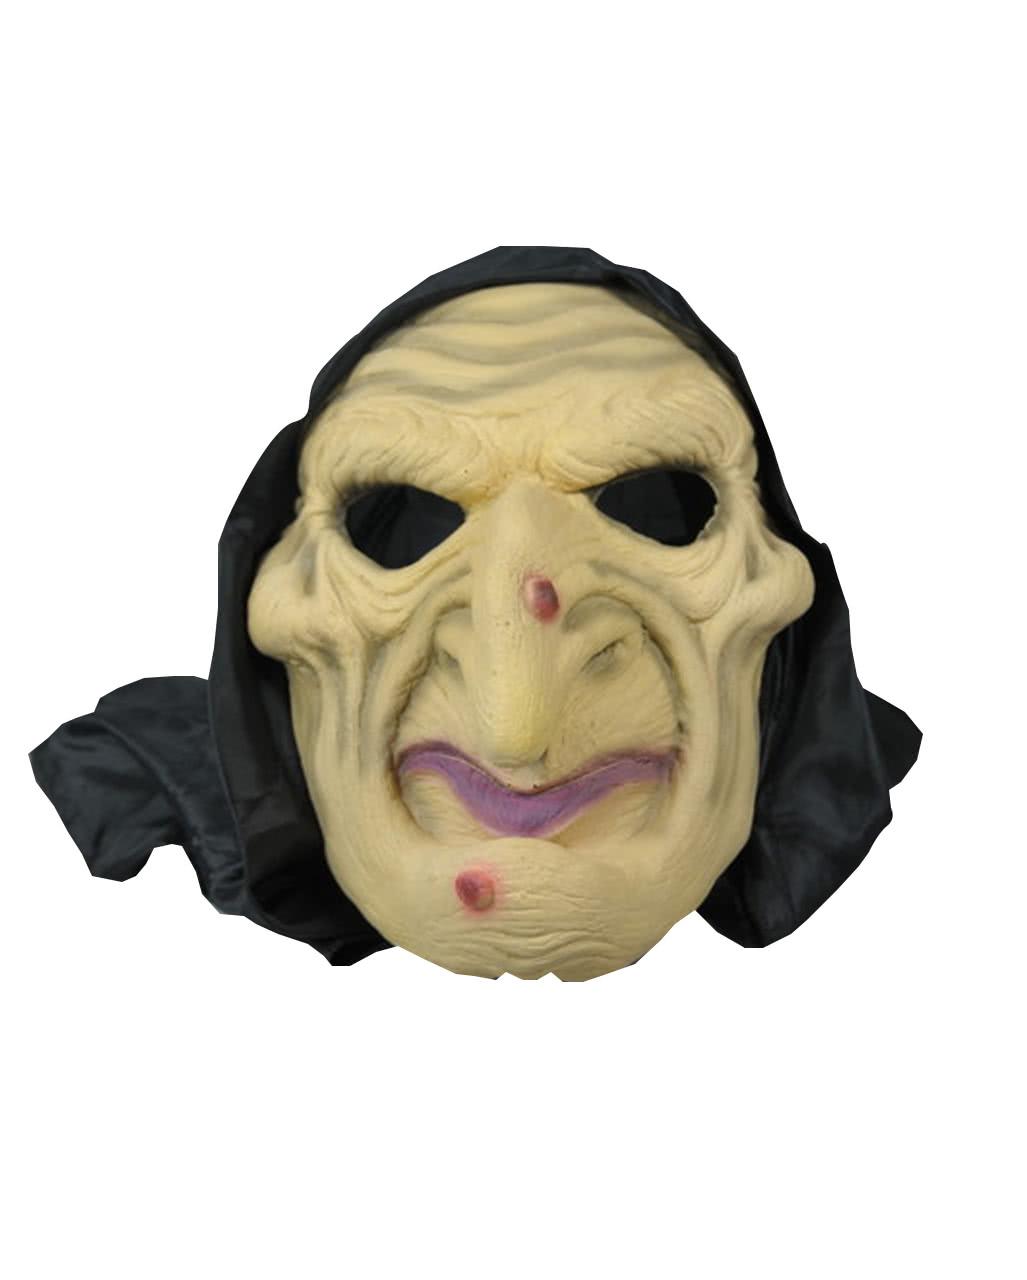 Ausgezeichnet Alien Maske Vorlage Fotos - Beispielzusammenfassung ...